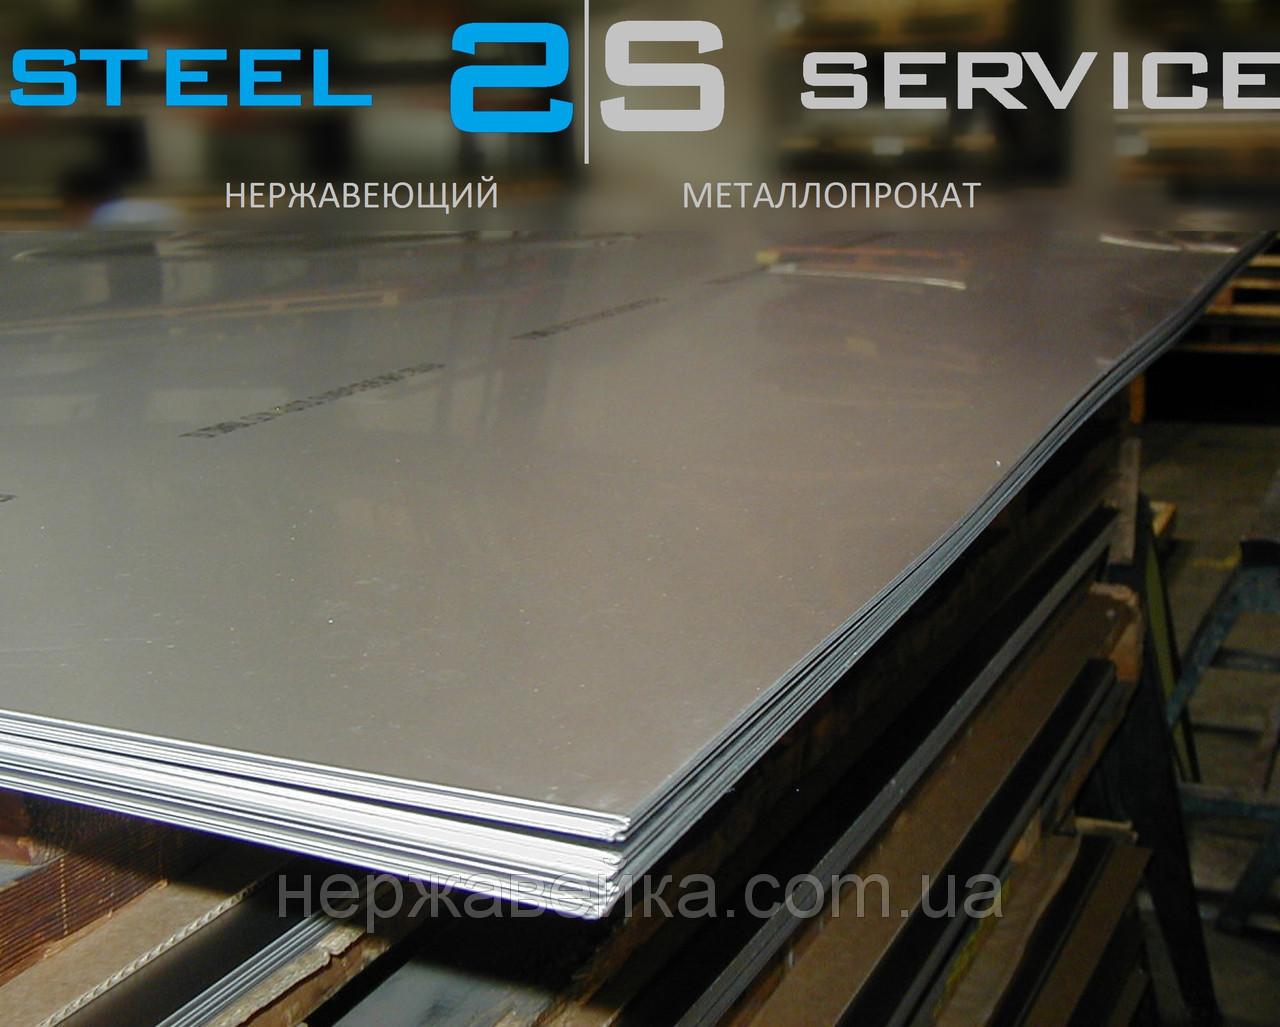 Нержавеющий лист 12х1500х6000мм  AISI 304(08Х18Н10) F1 - горячекатанный,  пищевой